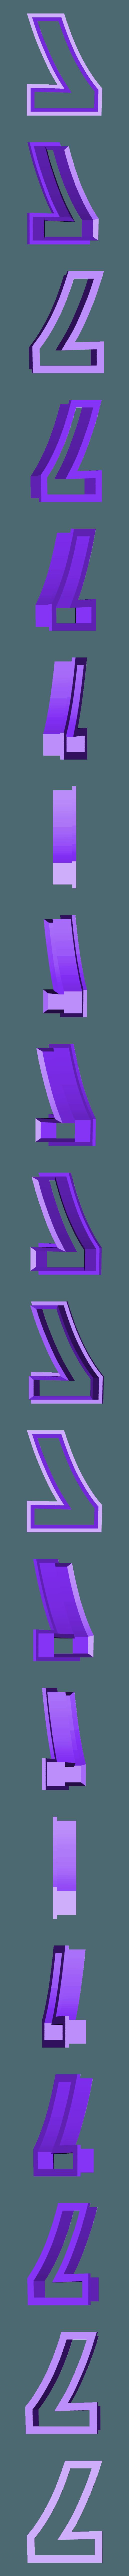 7-Seven.stl Télécharger fichier STL gratuit Numéros de Play-Doh/Cookie Cutters • Plan imprimable en 3D, RT3DWorkshop